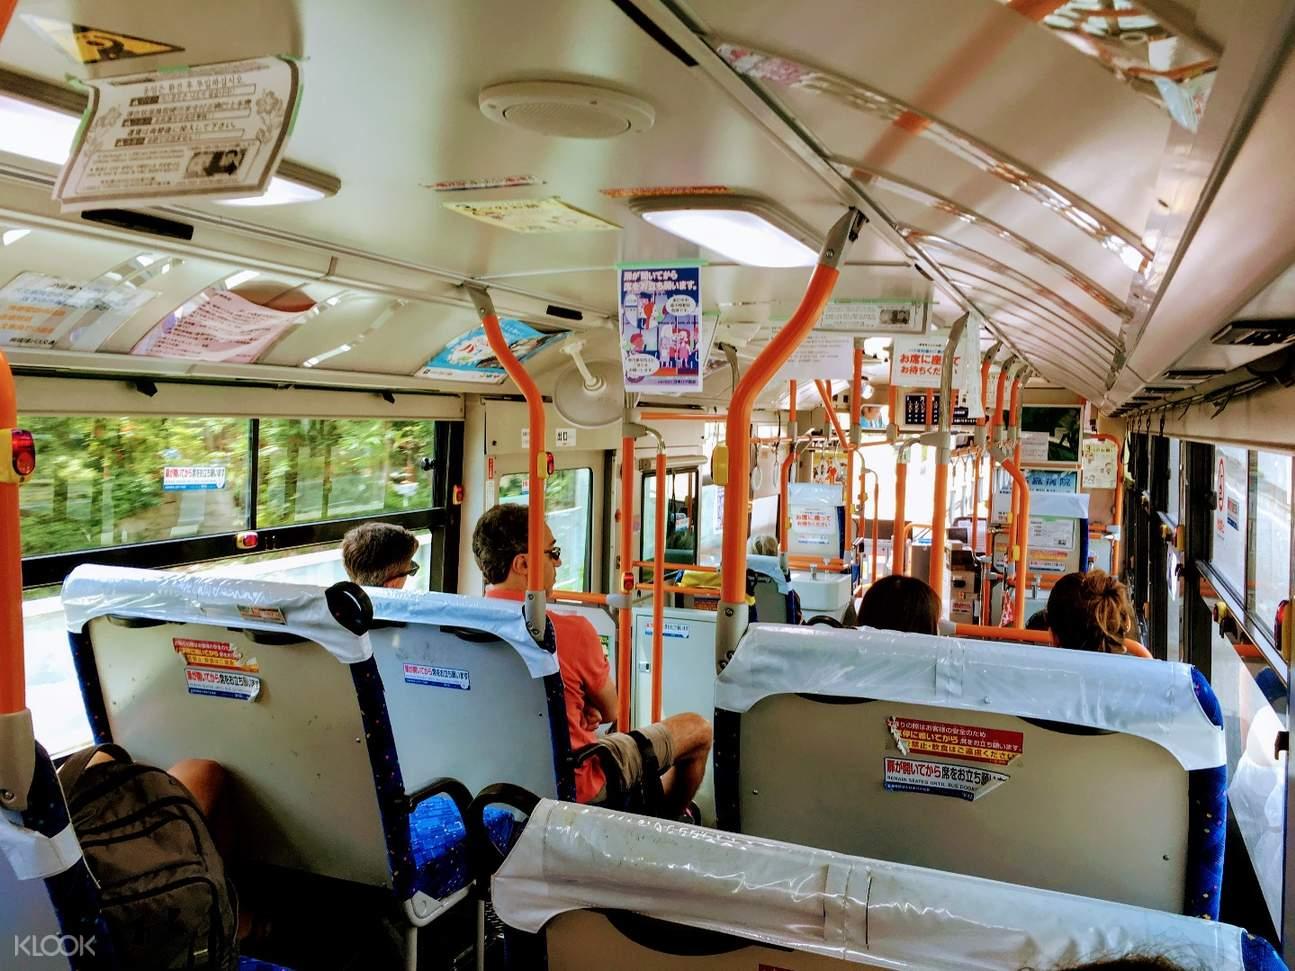 沖繩本島線路巴士周遊券,沖繩城市單軌電車1日乘車券